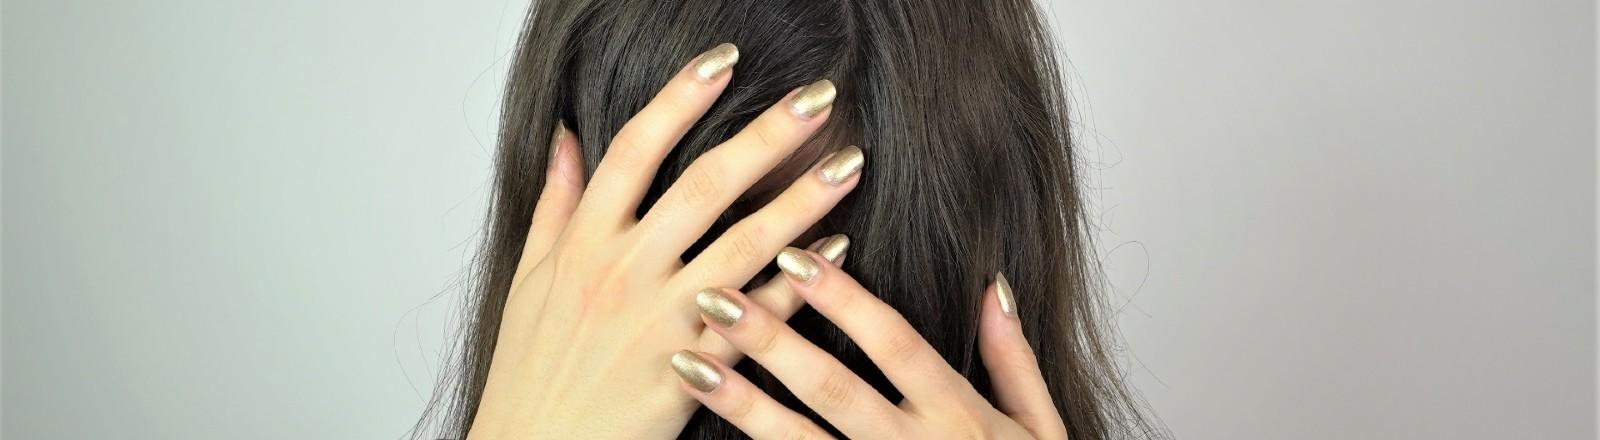 Eine junge Frau verdeckt mit ihren Händen ihr Gesicht.